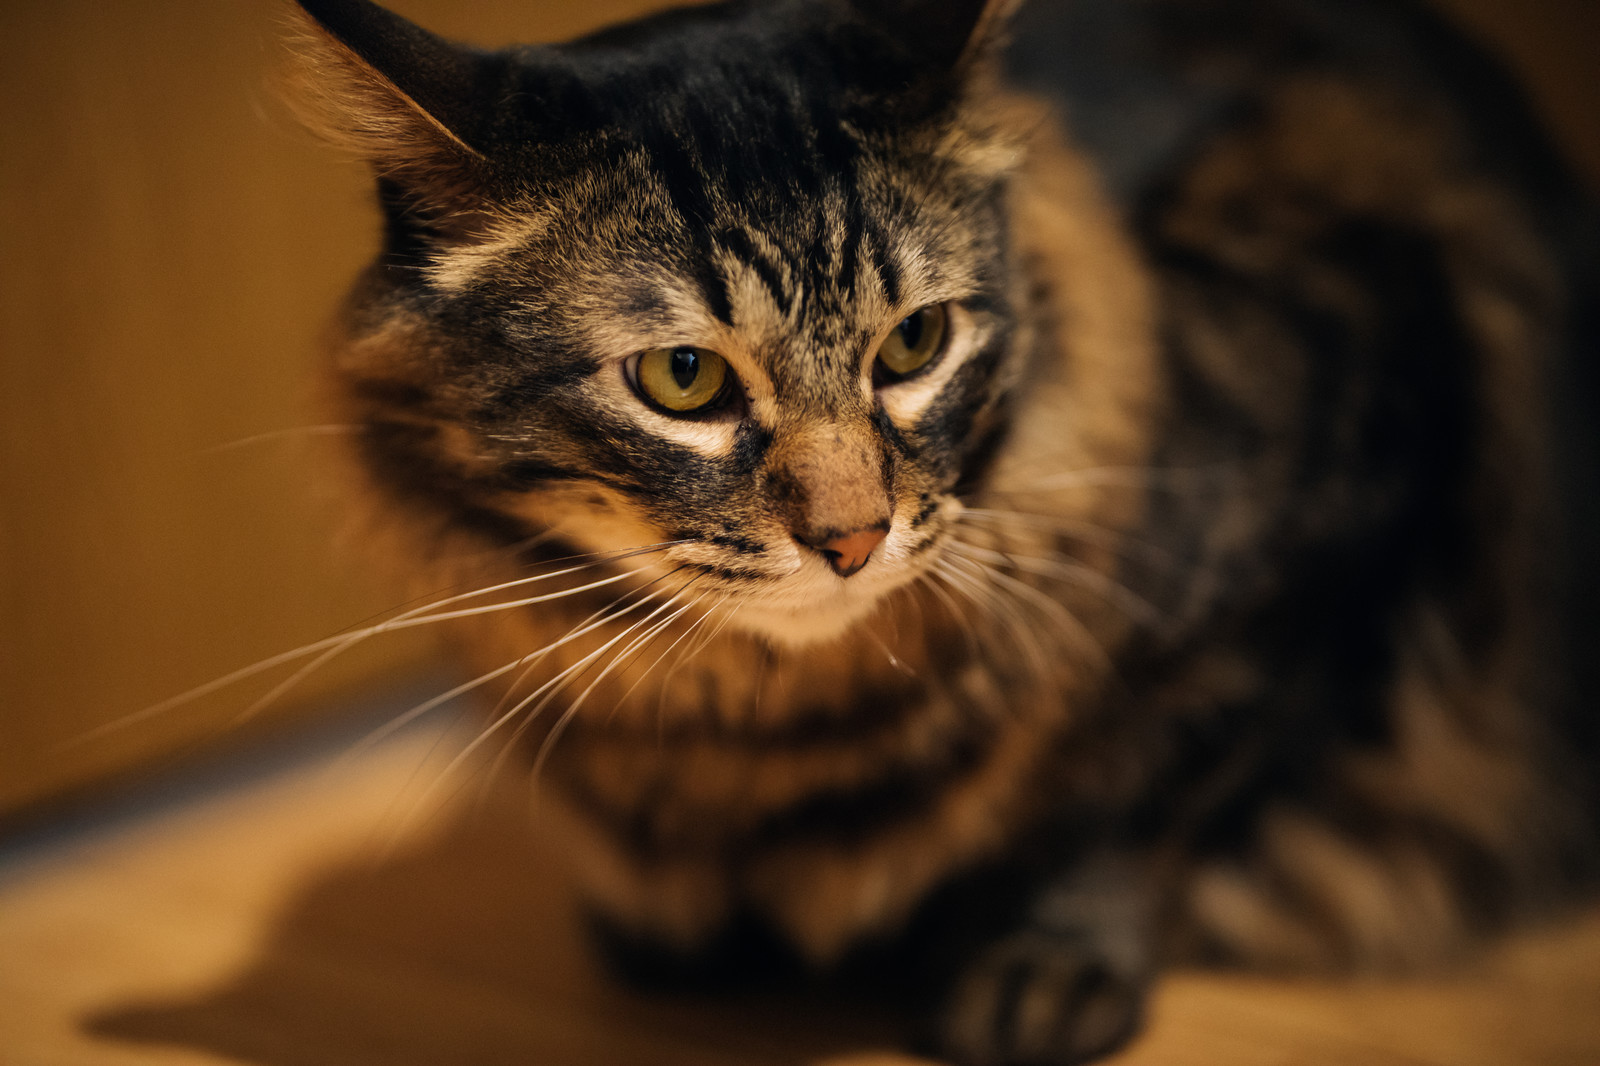 「おあずけ猫」の写真